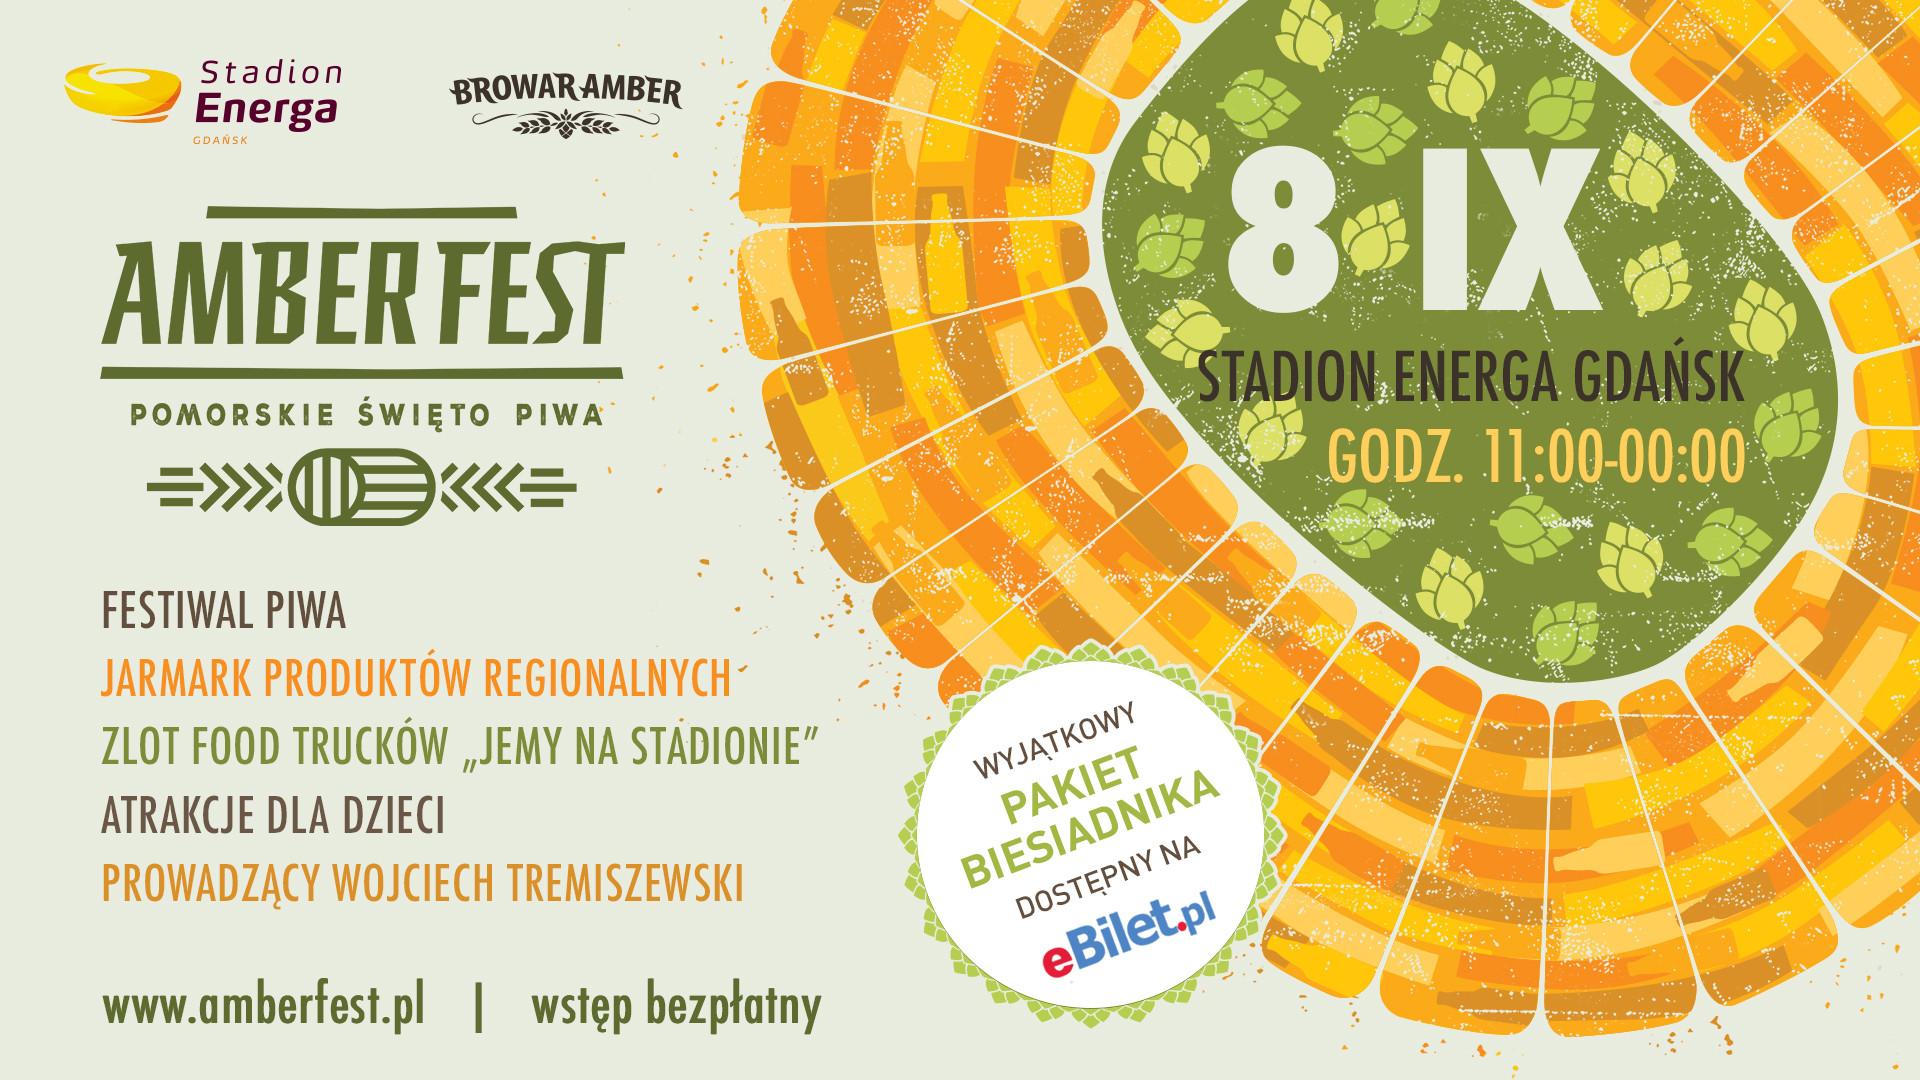 Amber Fest - фестиваль пива и региональных блюд в Гданьске, 8 сентября, суббота